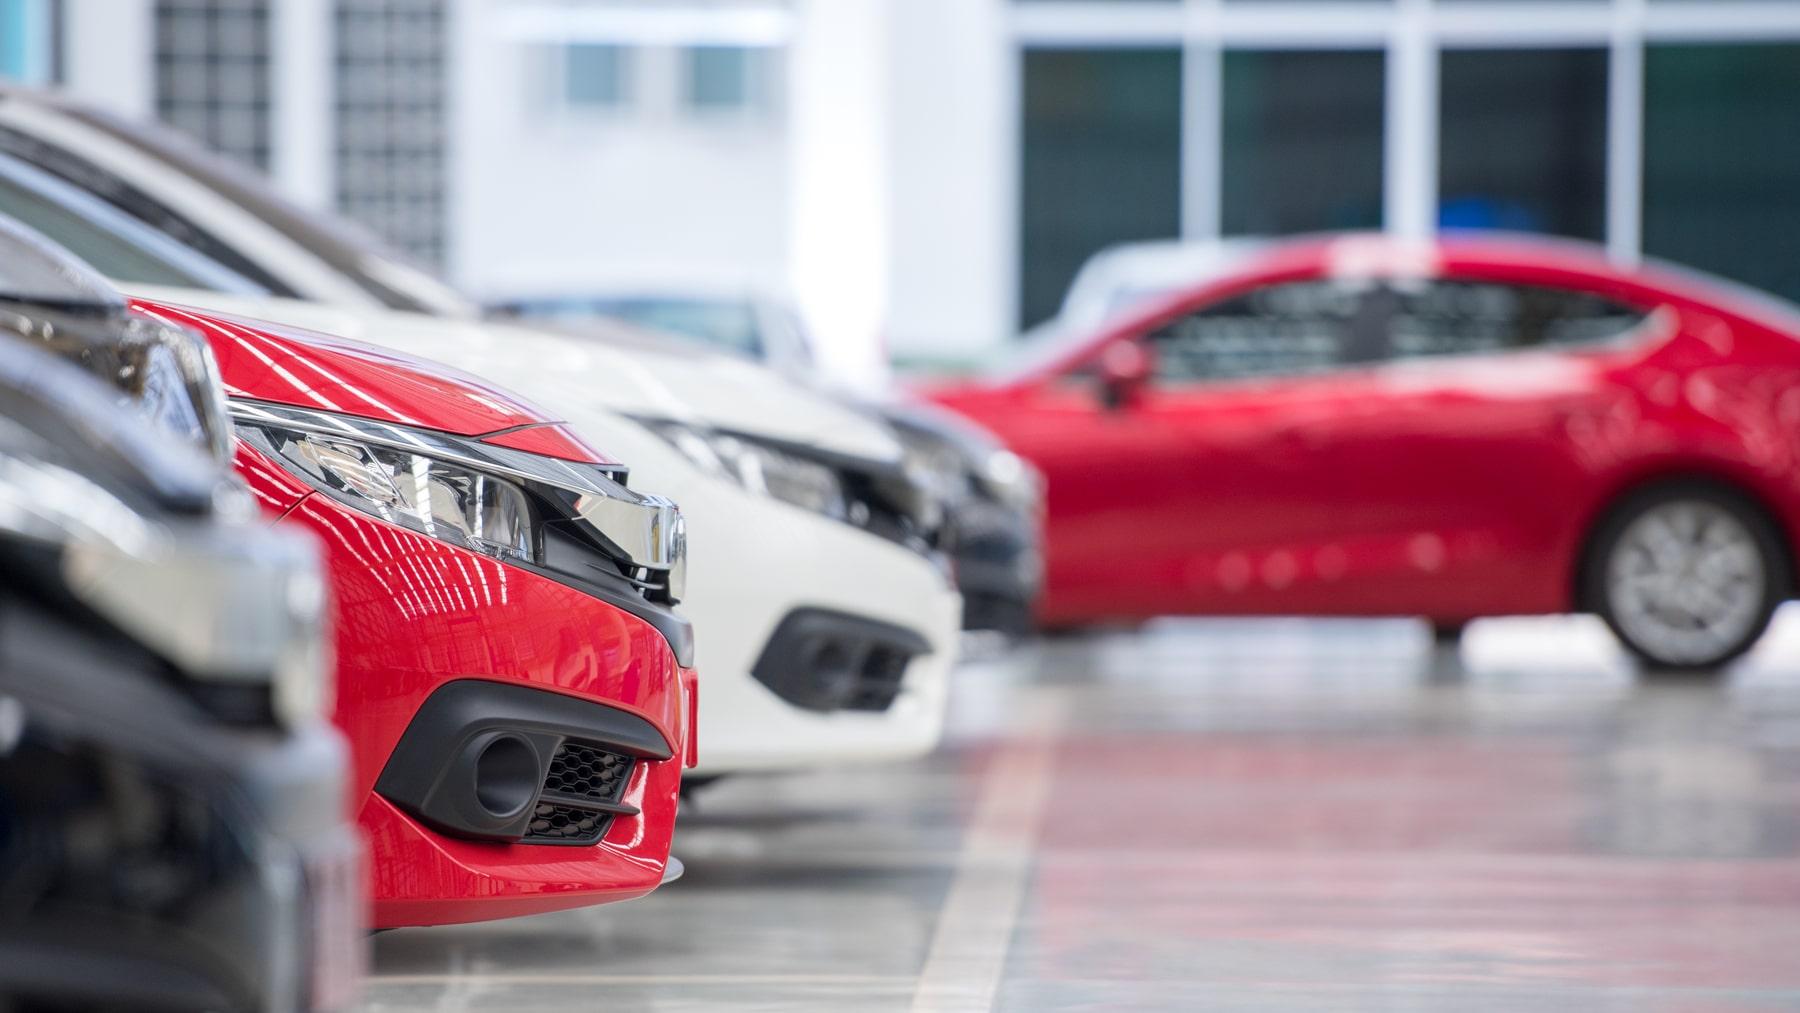 aumento-en-precio-de-los-autos-en-ultimos-meses